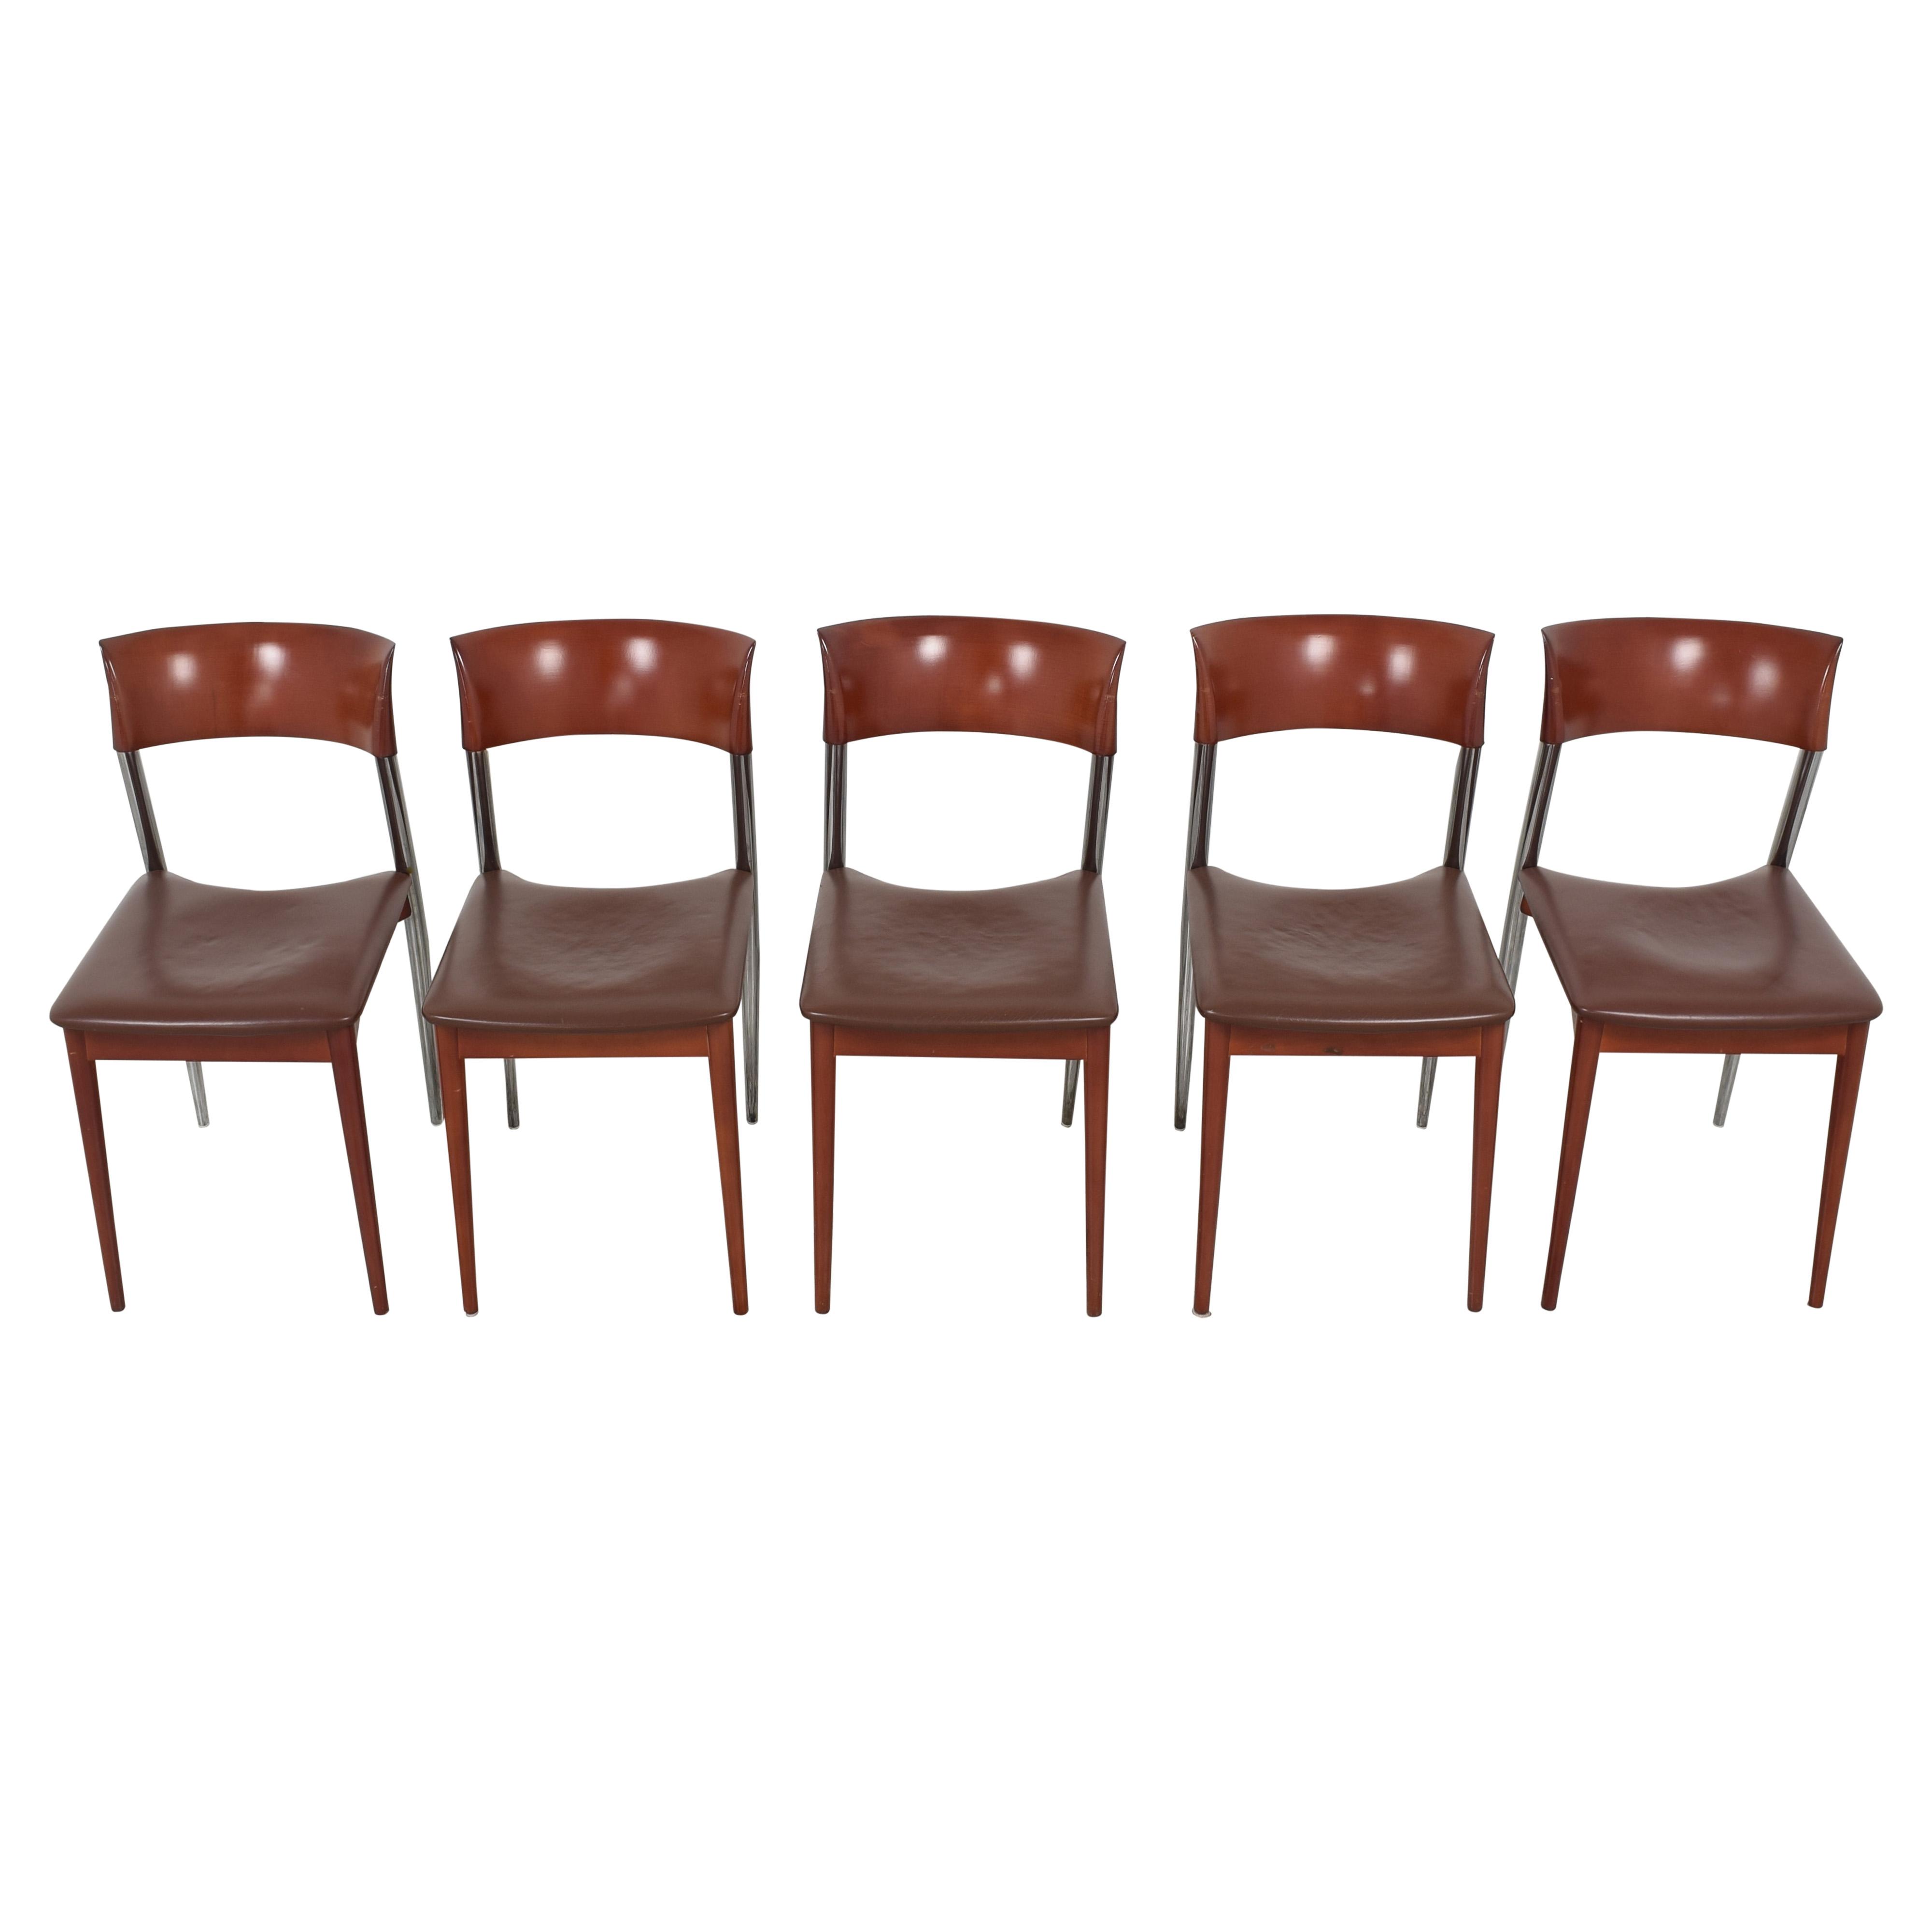 buy Loewenstein Loewenstein Dining Chairs online